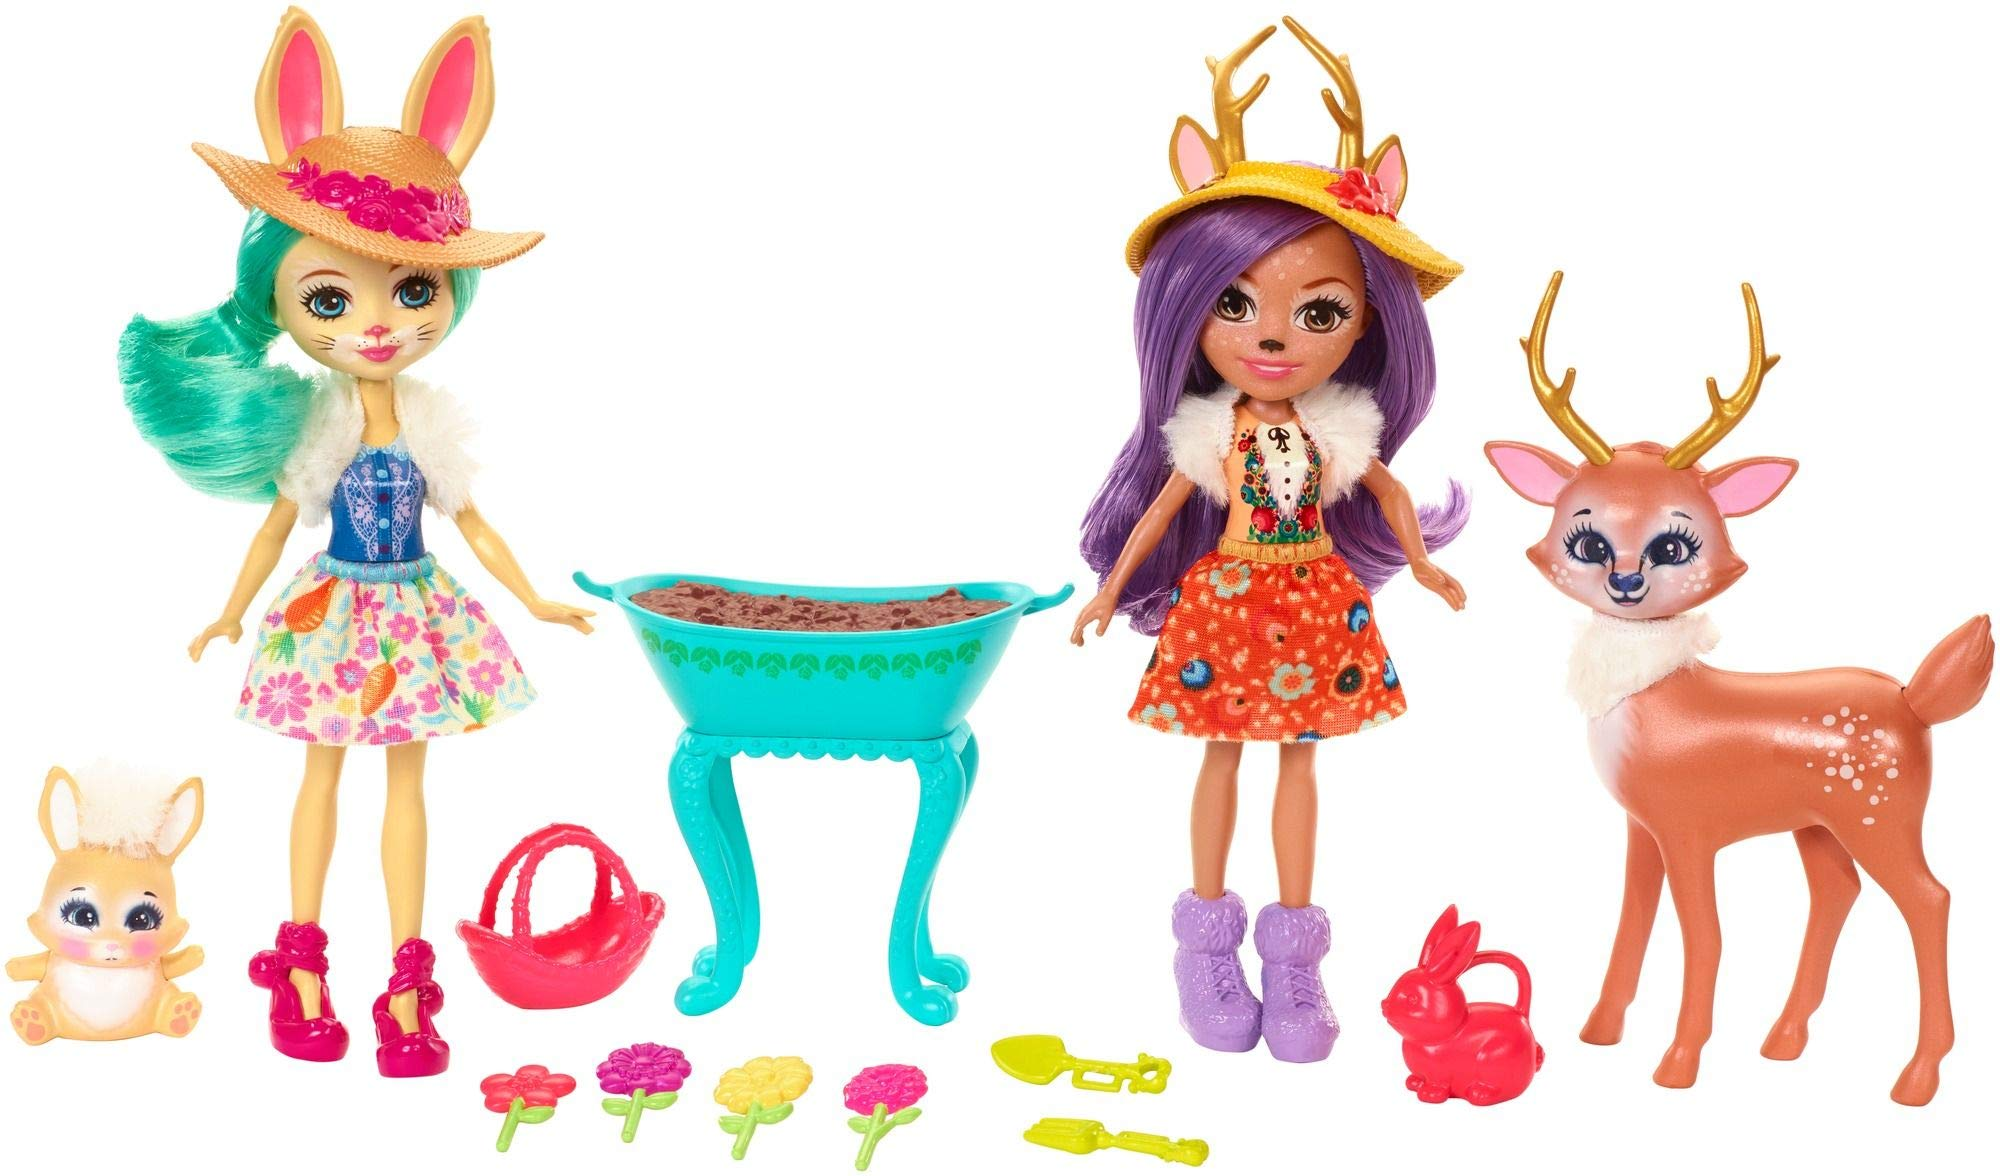 Enchantimals Coffret Jardin Enchanté, Mini-poupées Danessa Biche, Fluffy Lapin et Figurines Animales avec accessoires de jardinage, jouet enfant, FDG01 product image